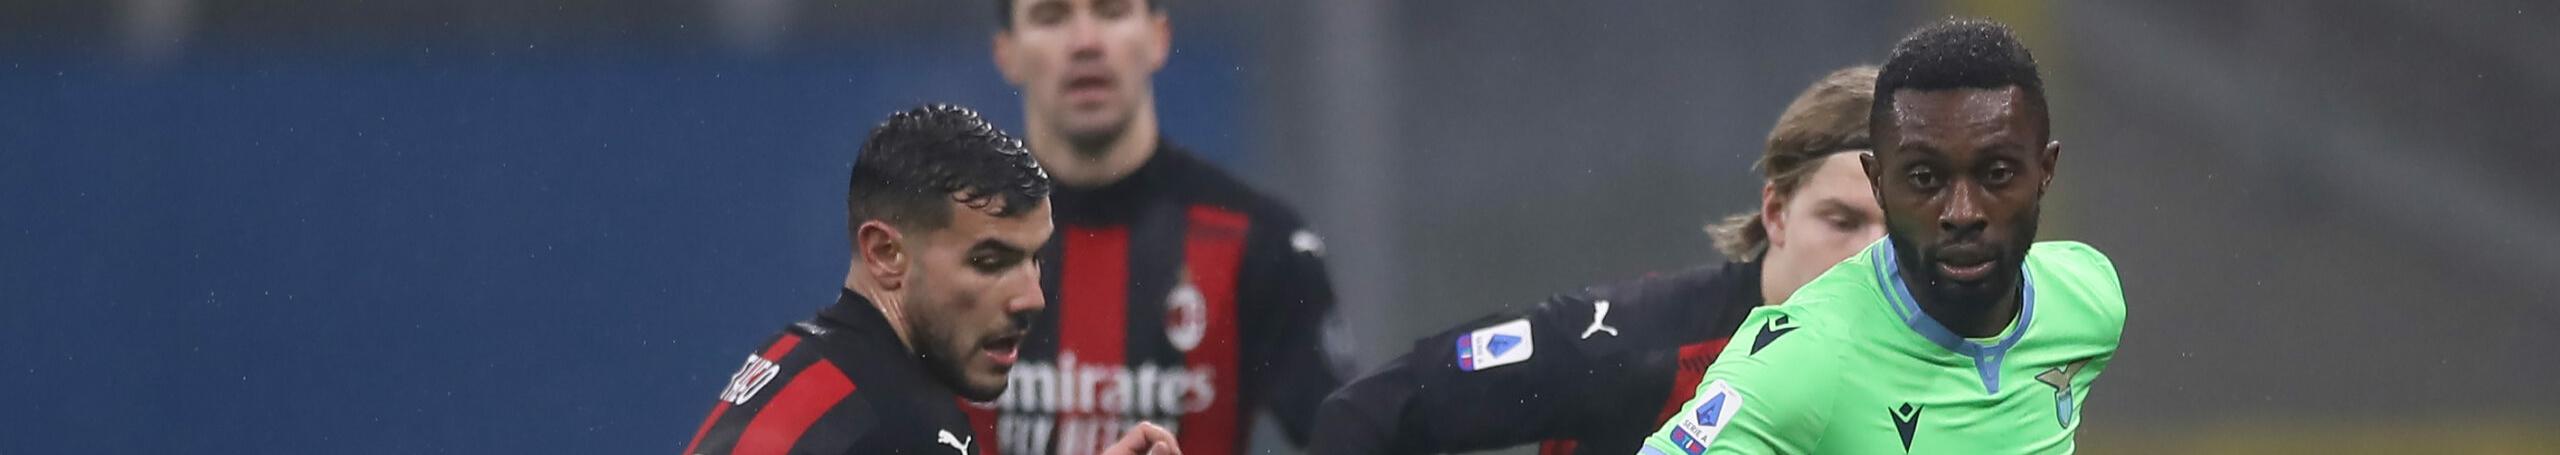 Lazio-Milan, all'Olimpico 90 minuti per l'Europa